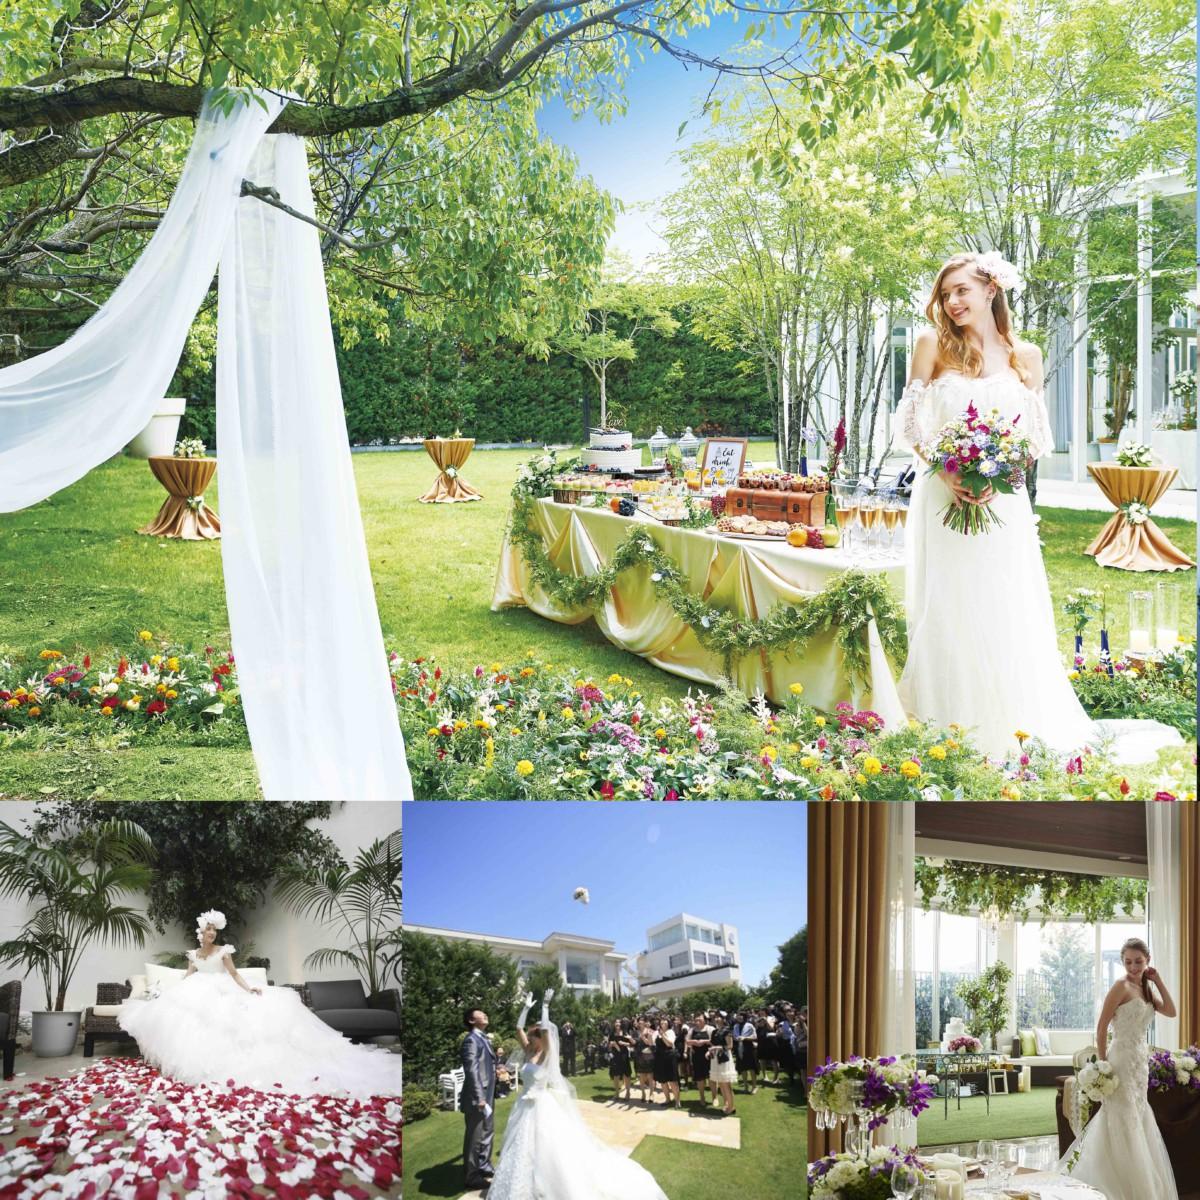 【1日1組限定】セフィロト・テラ・ナチュレ3つの結婚式場合同ツアー